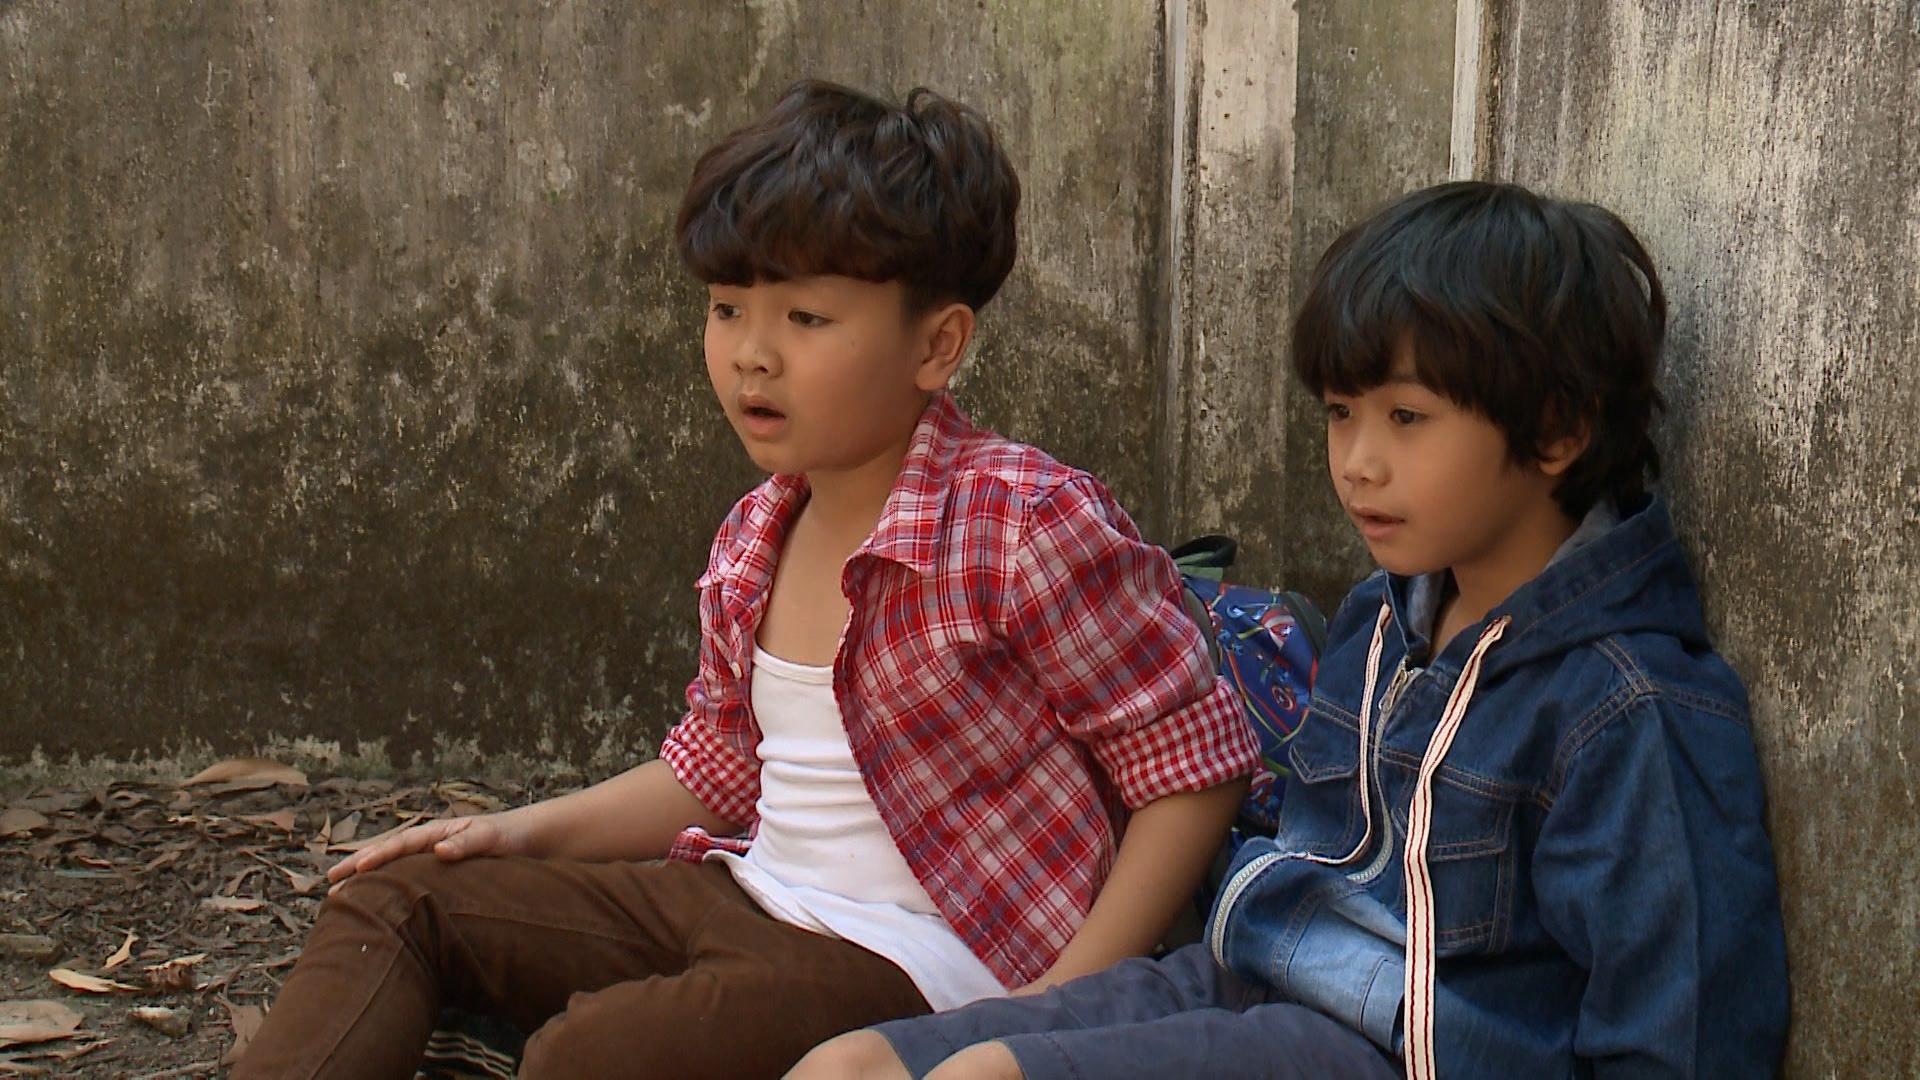 Những vai diễn nhí gây sốt trên phim truyền hình Việt 2019 - Ảnh 11.